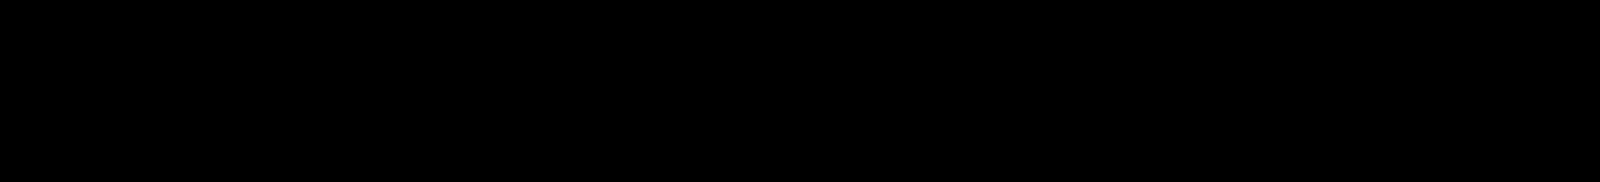 Chani Nicholas logo